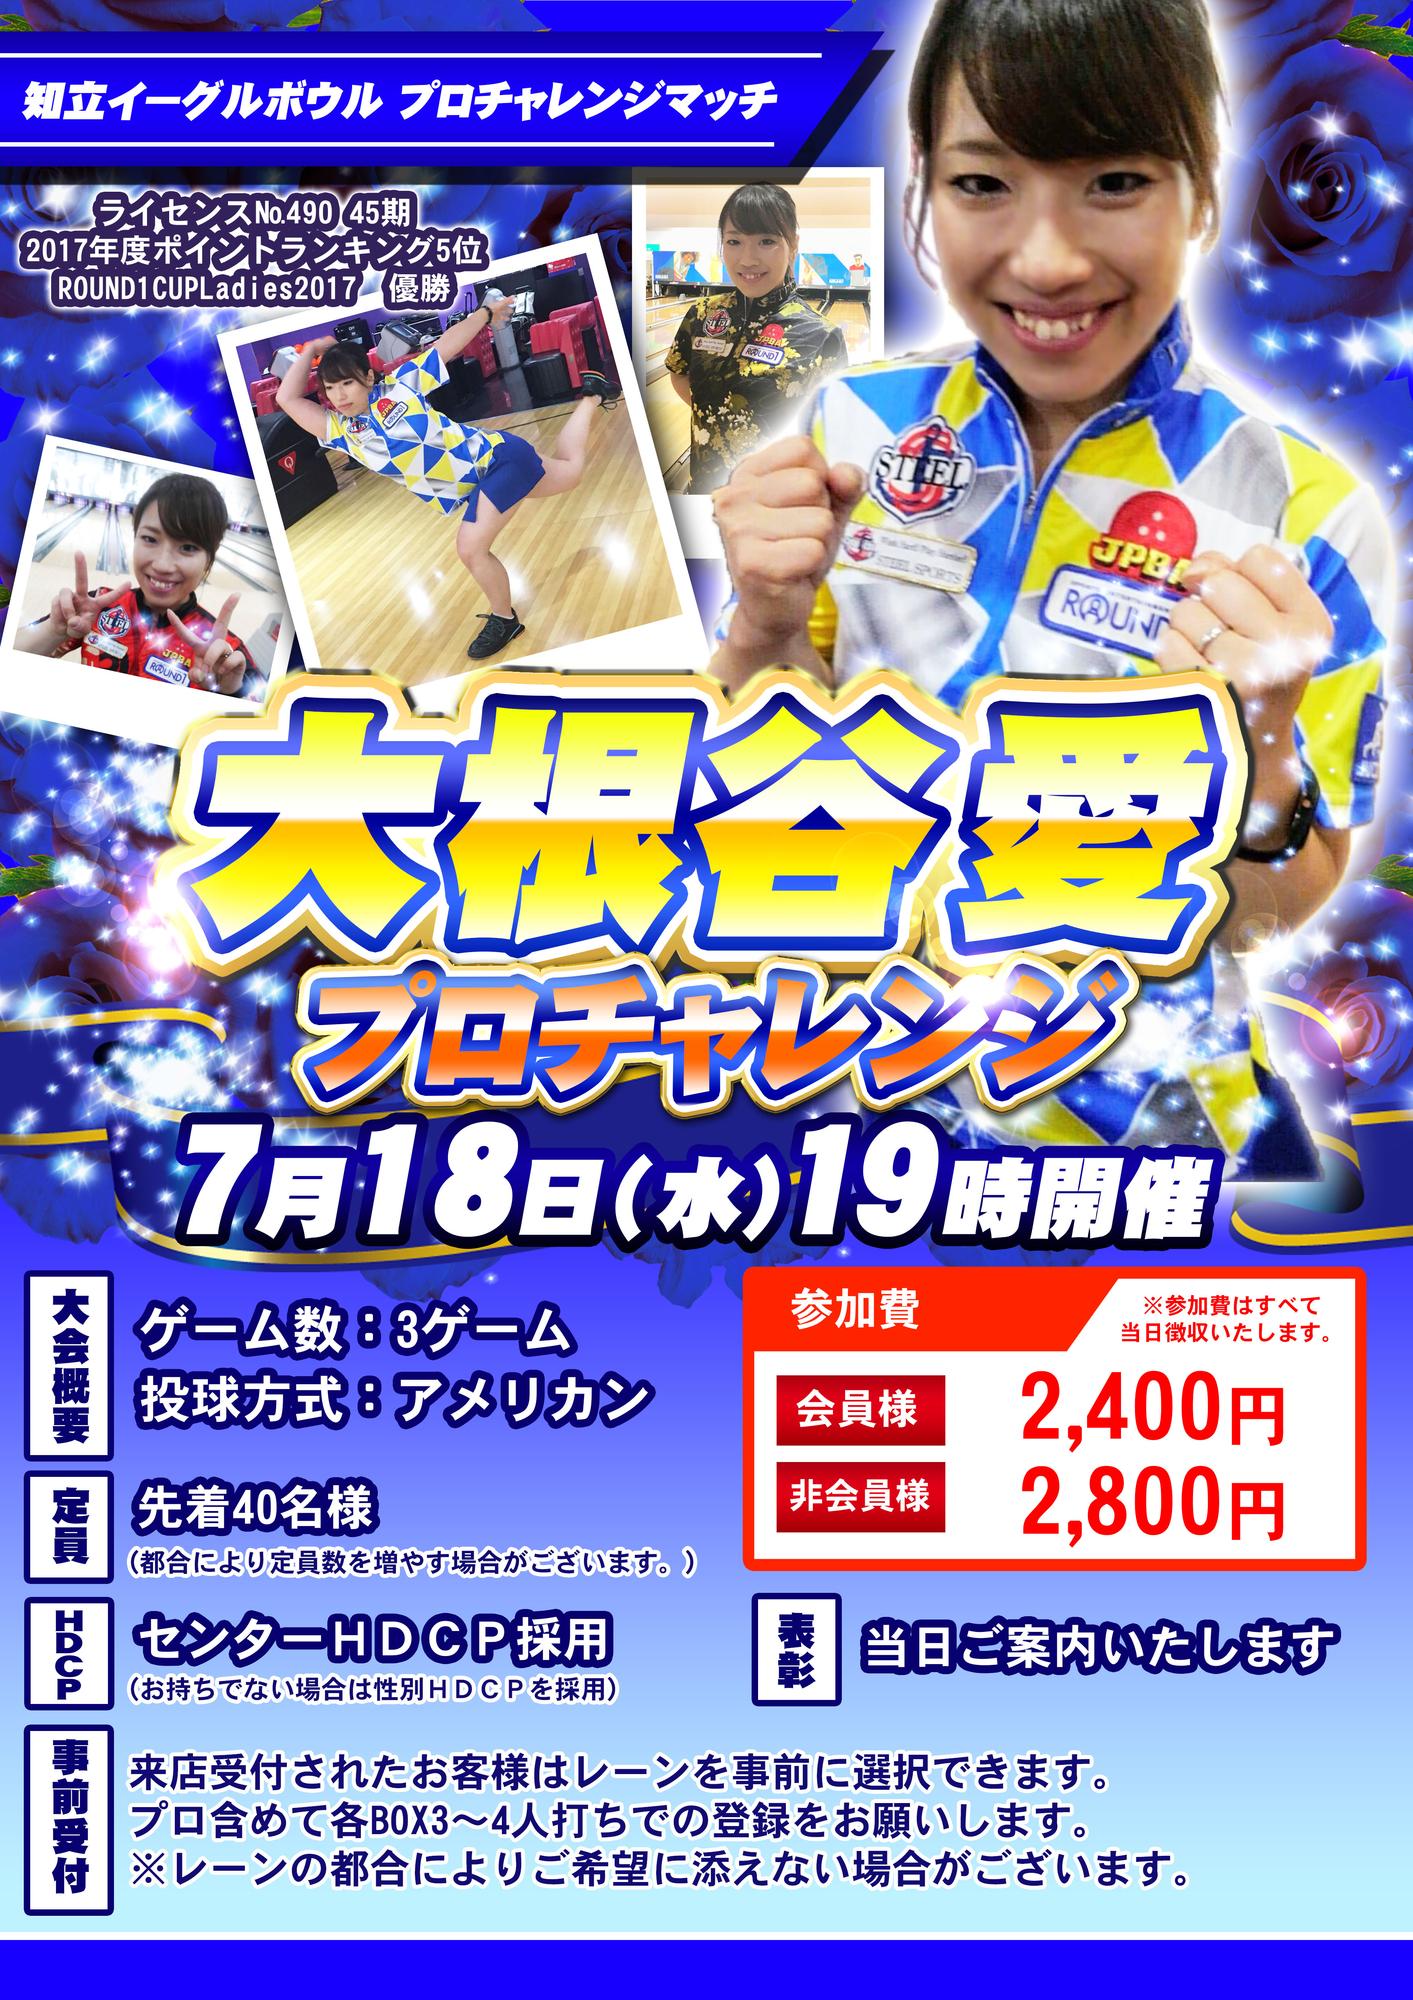 7/18 大根谷愛プロチャレンジ